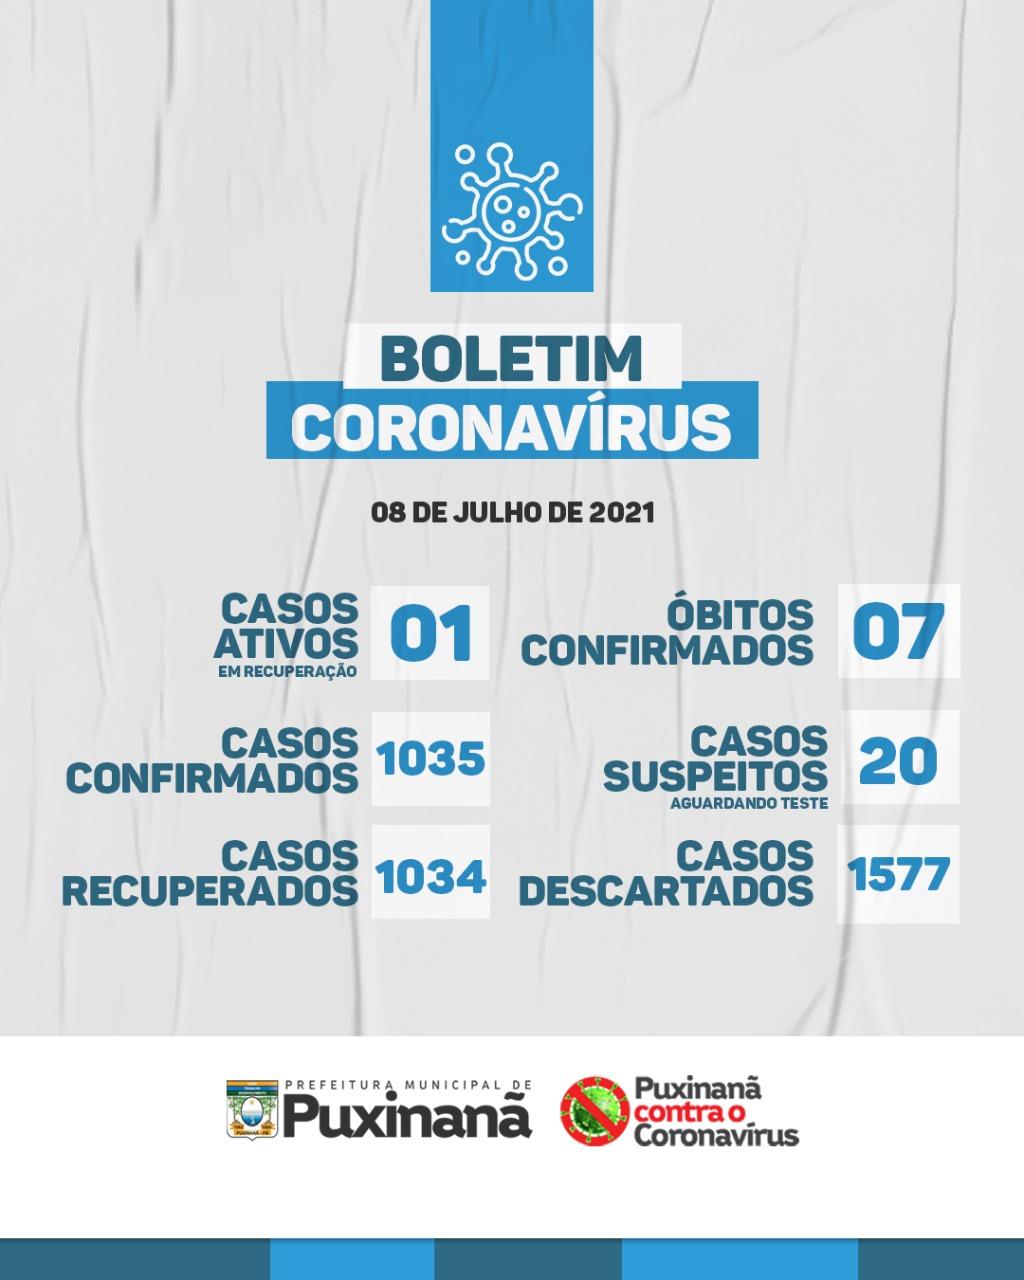 Boletim epidemiológico atualizado, em: 08/07/2021